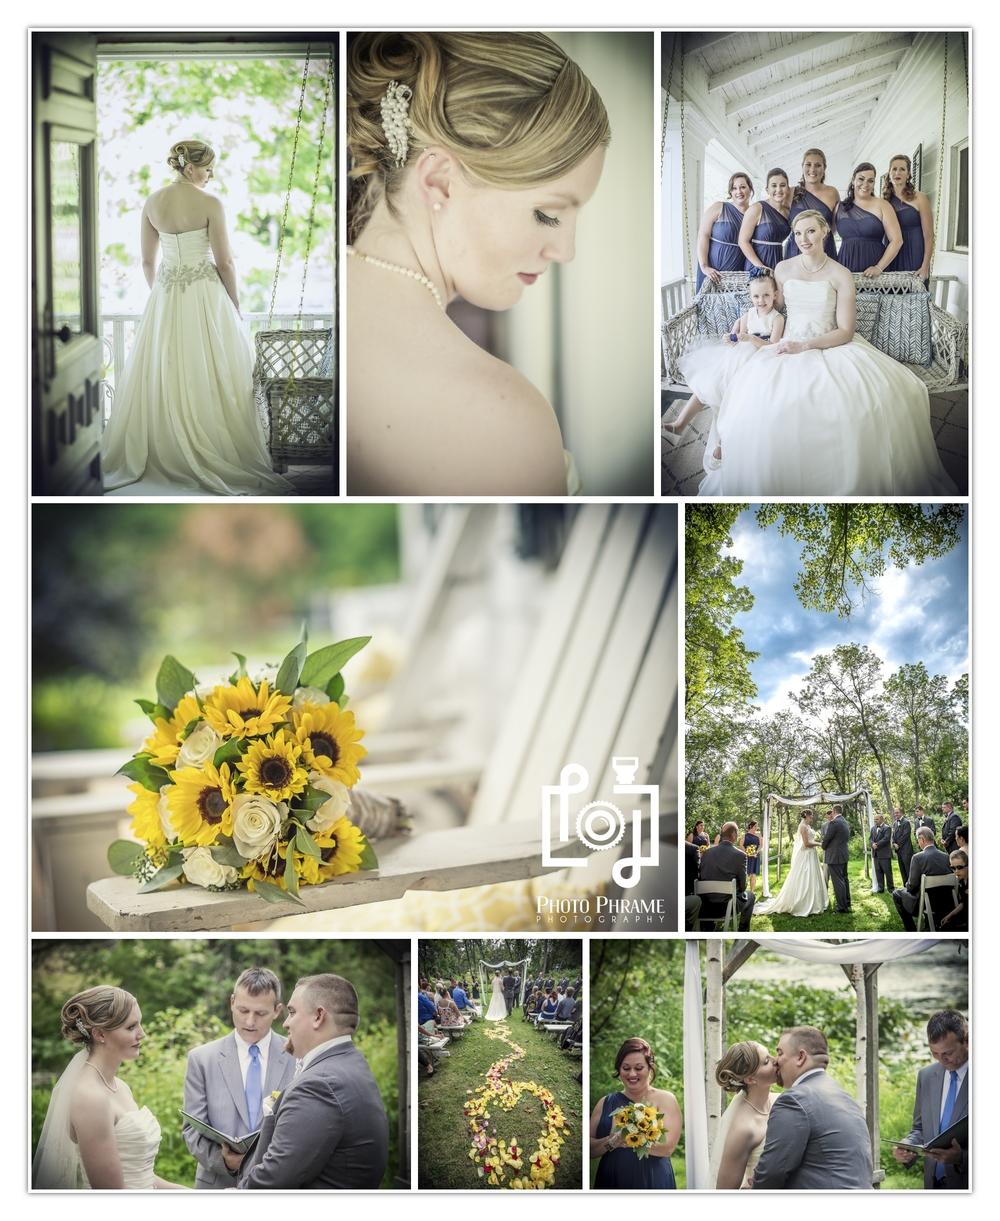 Amanda Taylor Wedding Photography, Albany, NY